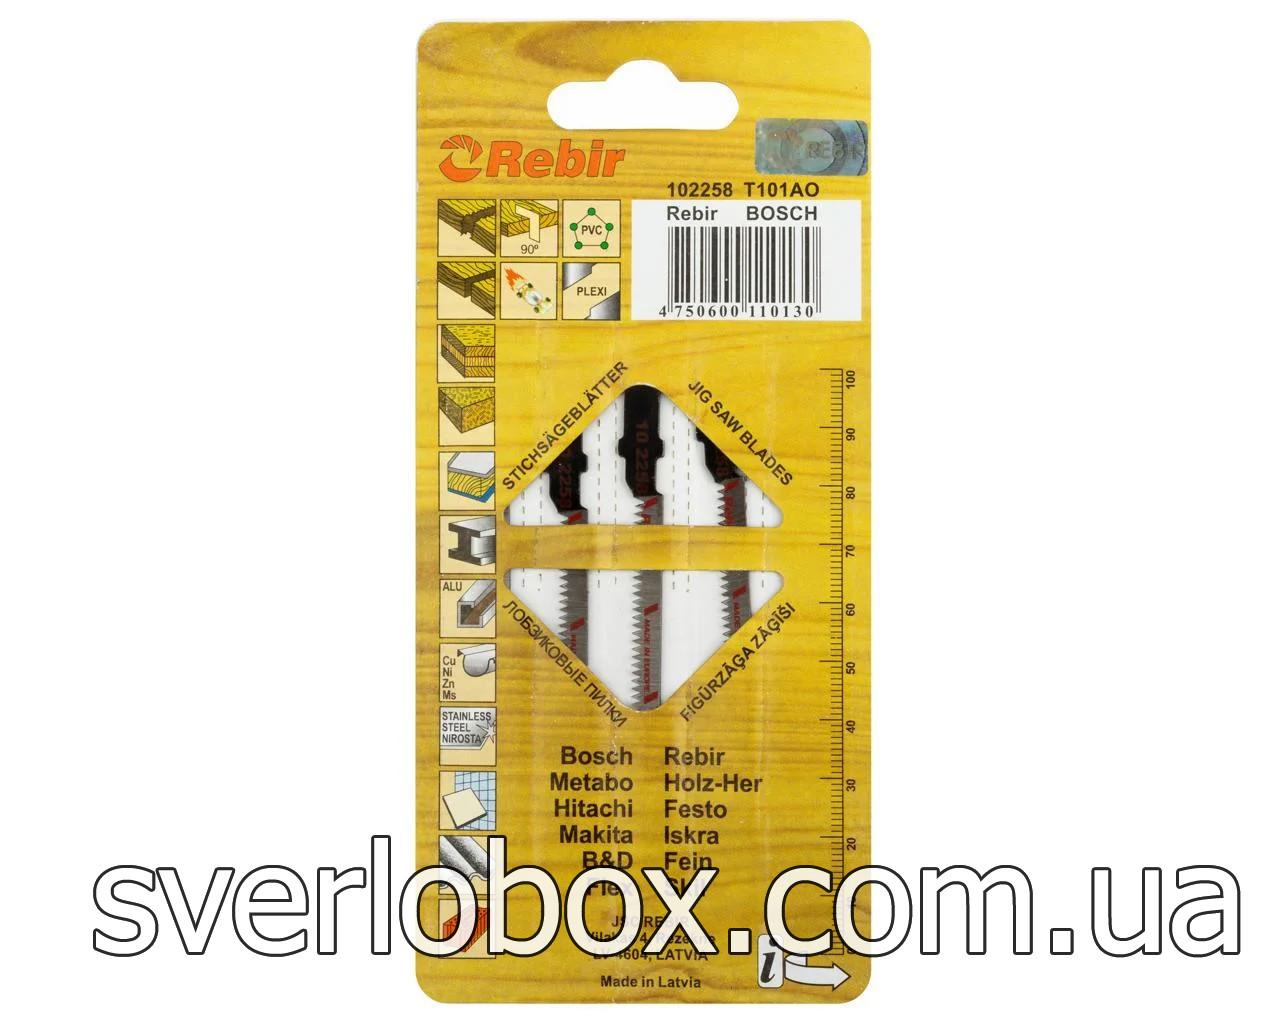 Пилки для электролобзика REBIR T101AO (1 уп. 5 шт.)